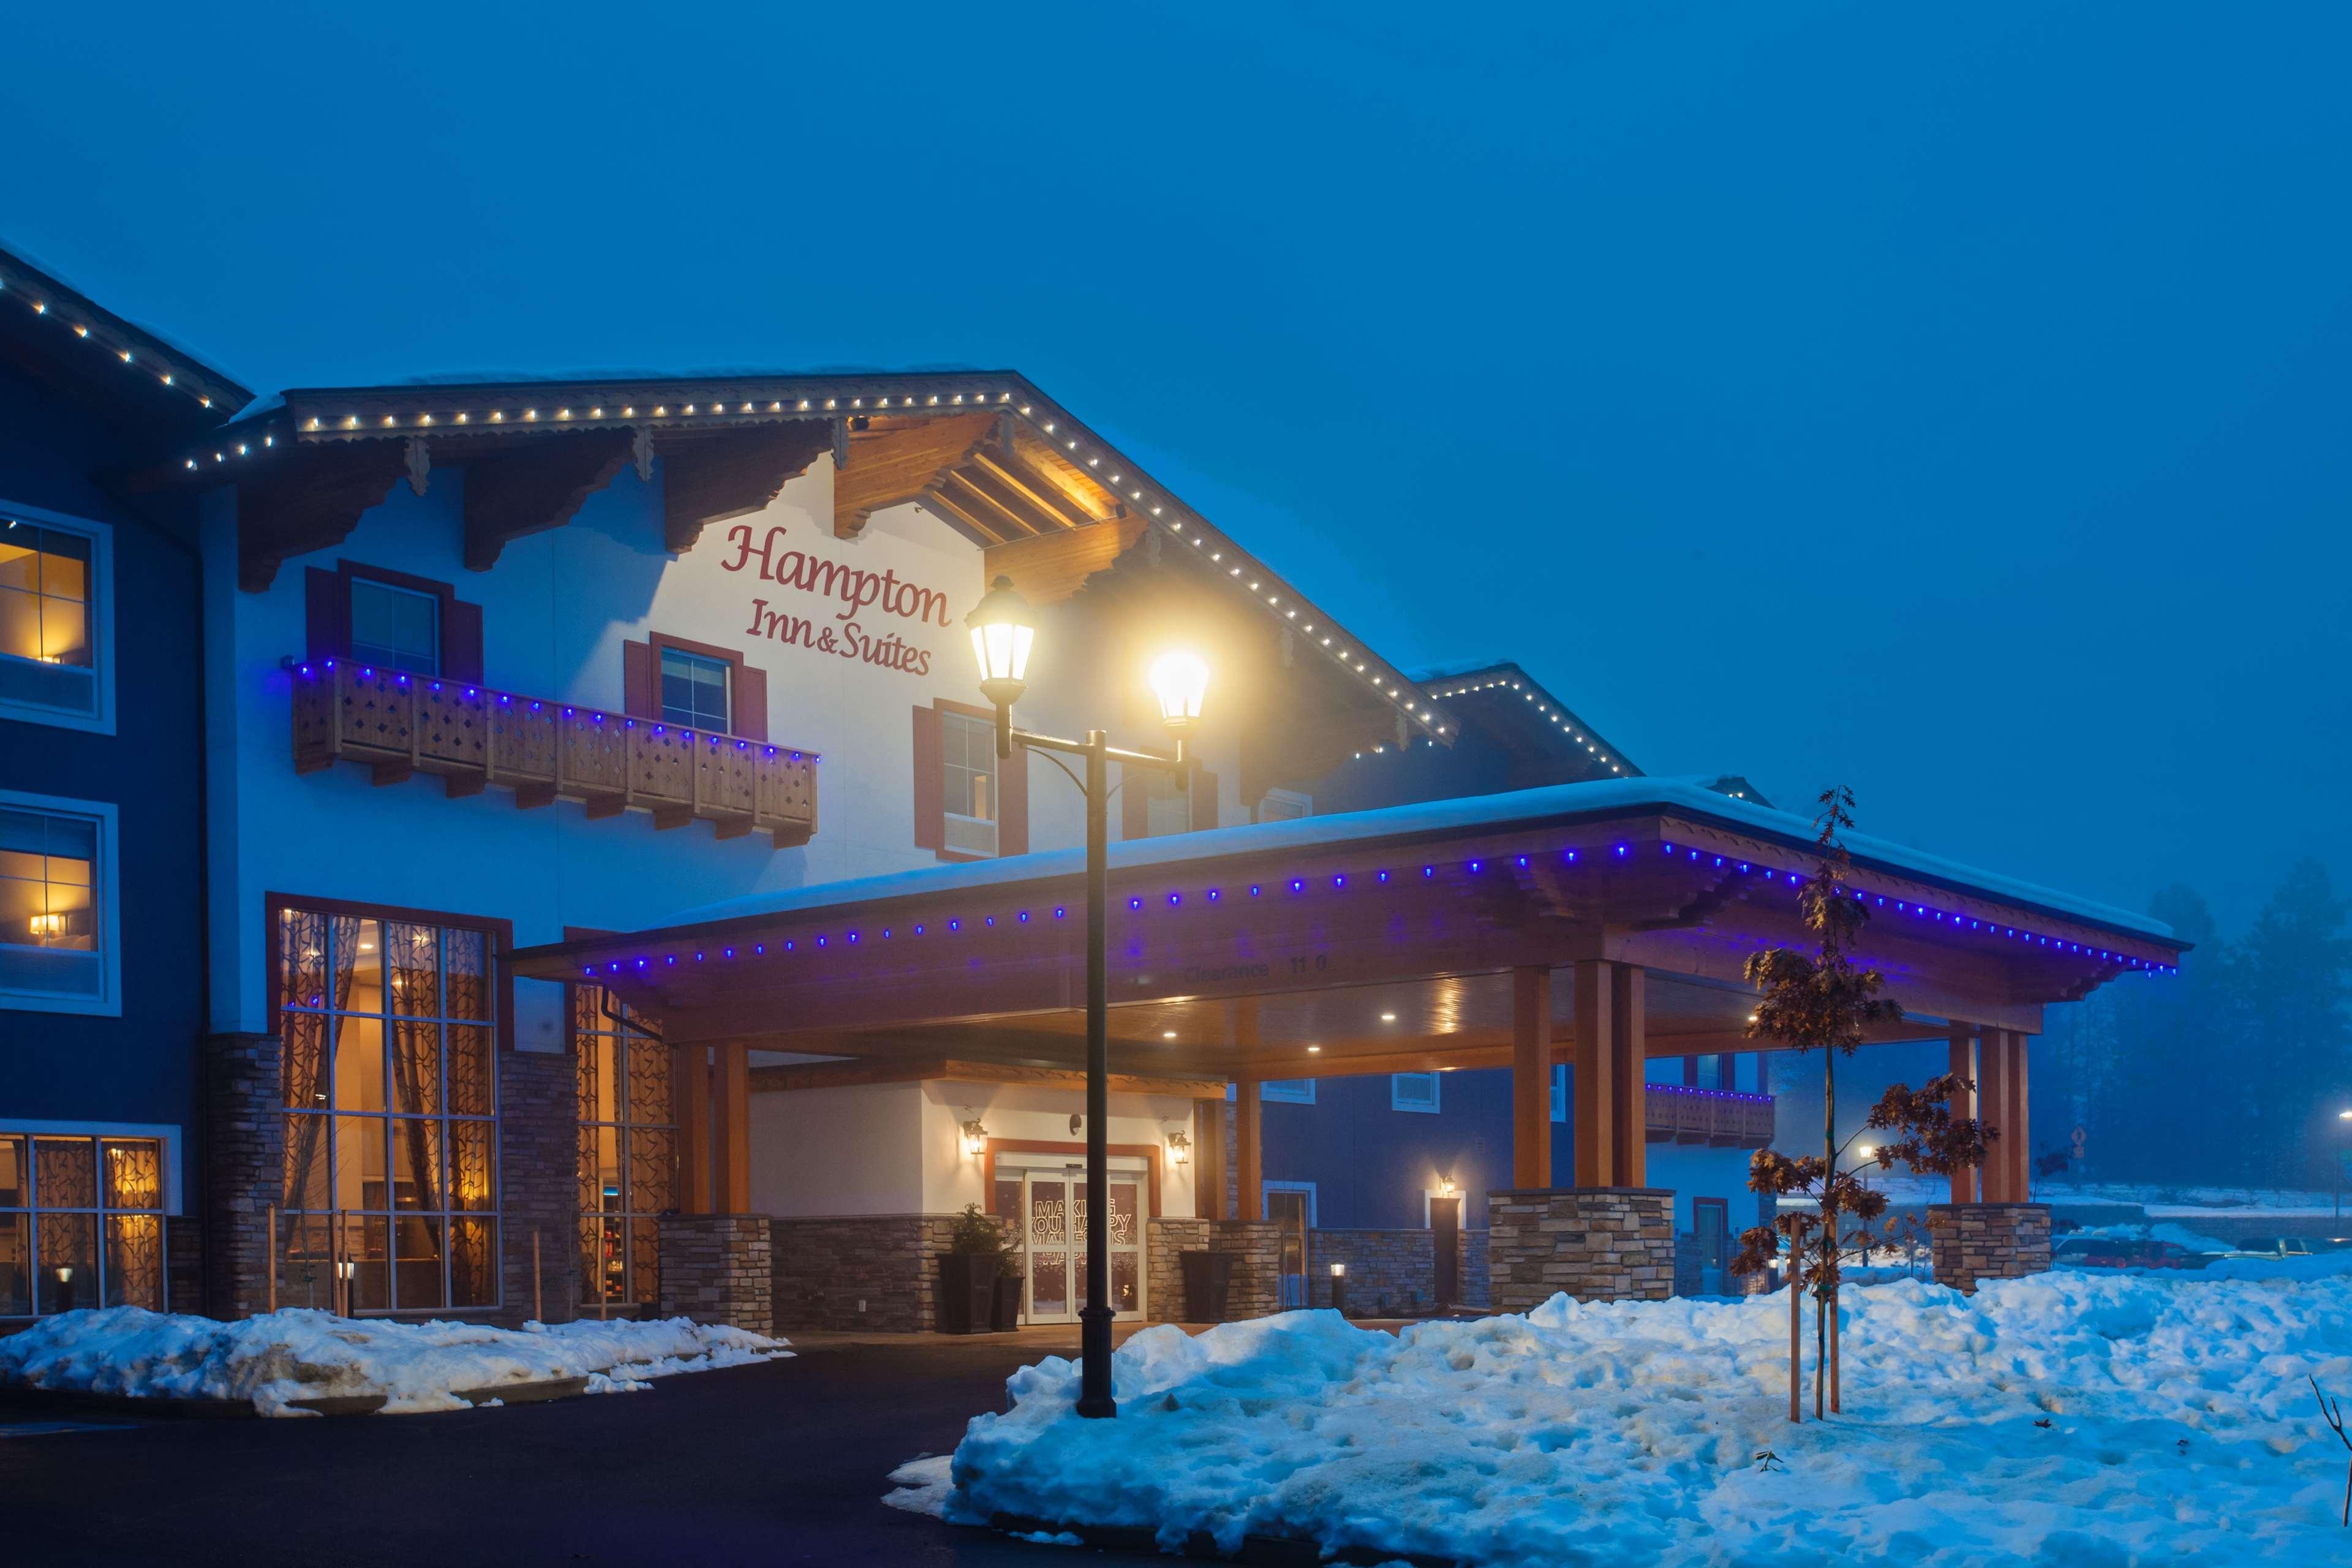 Hampton Inn & Suites Leavenworth image 3